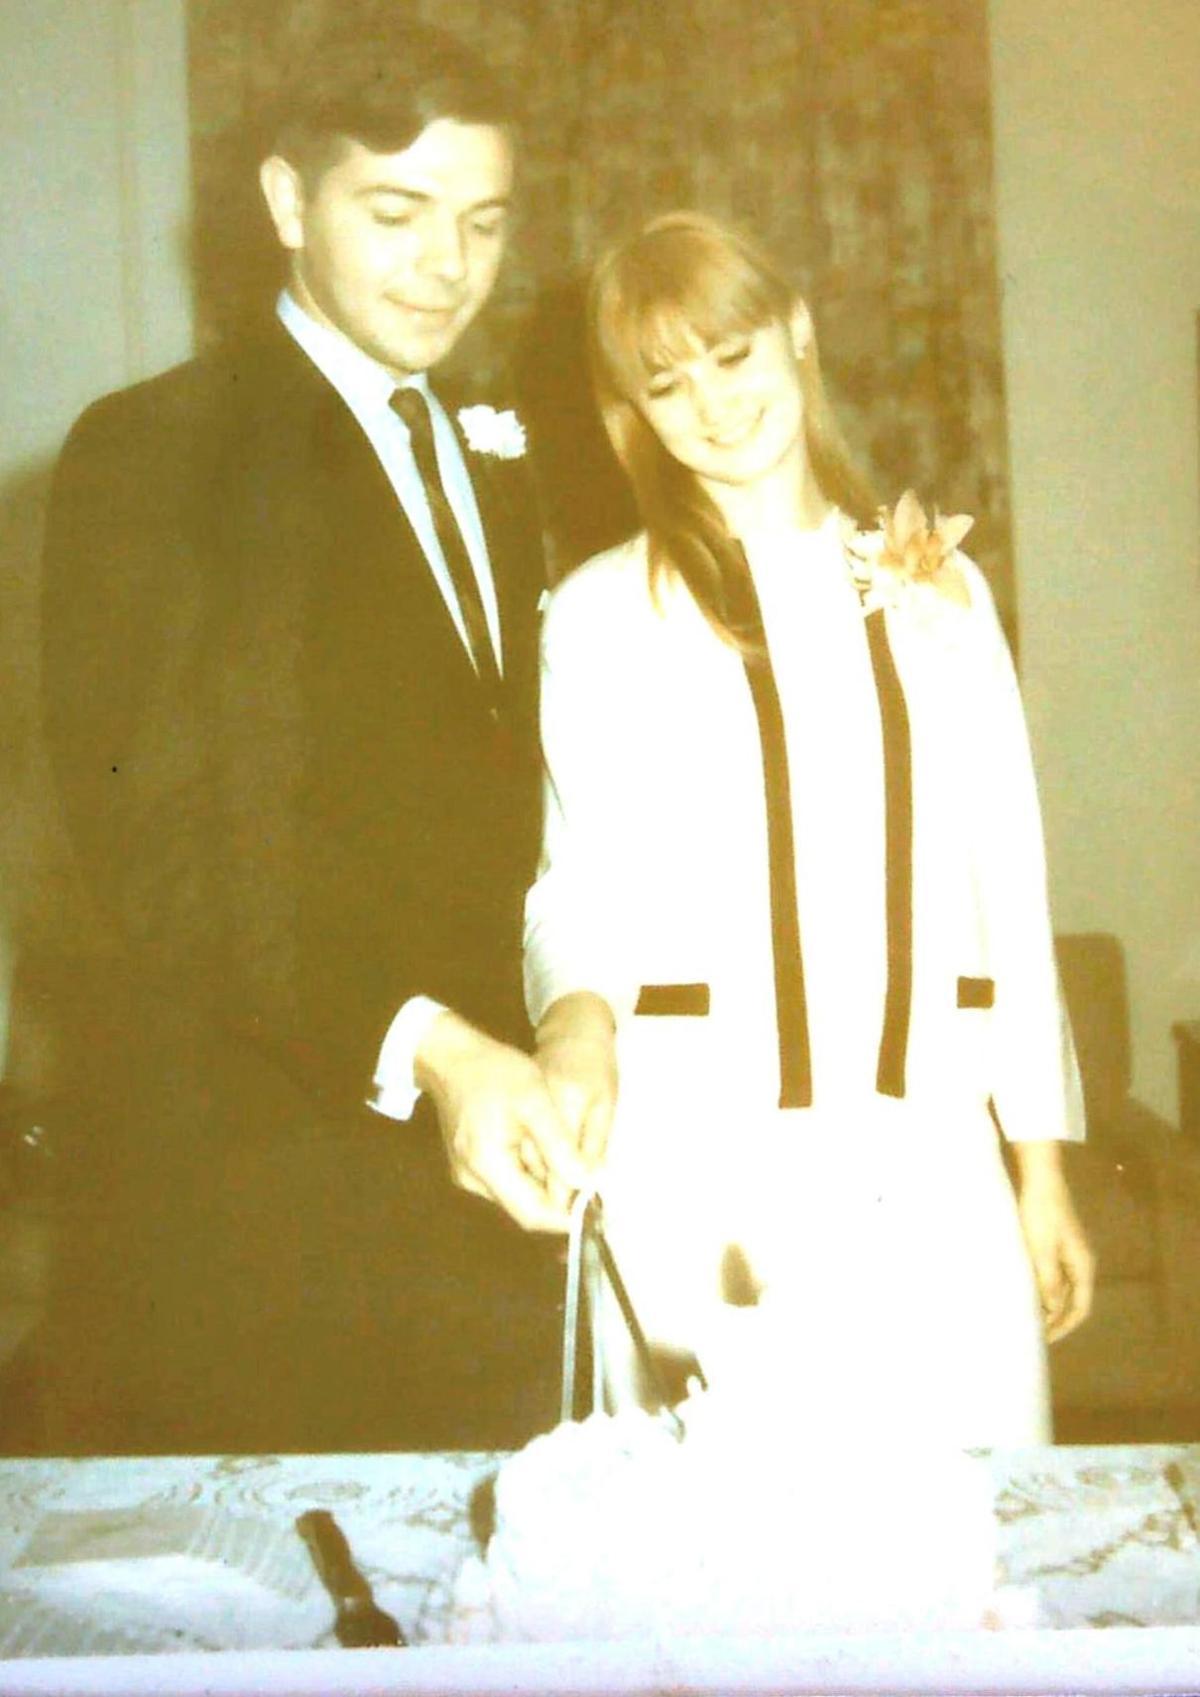 Pat and Ann Garrett